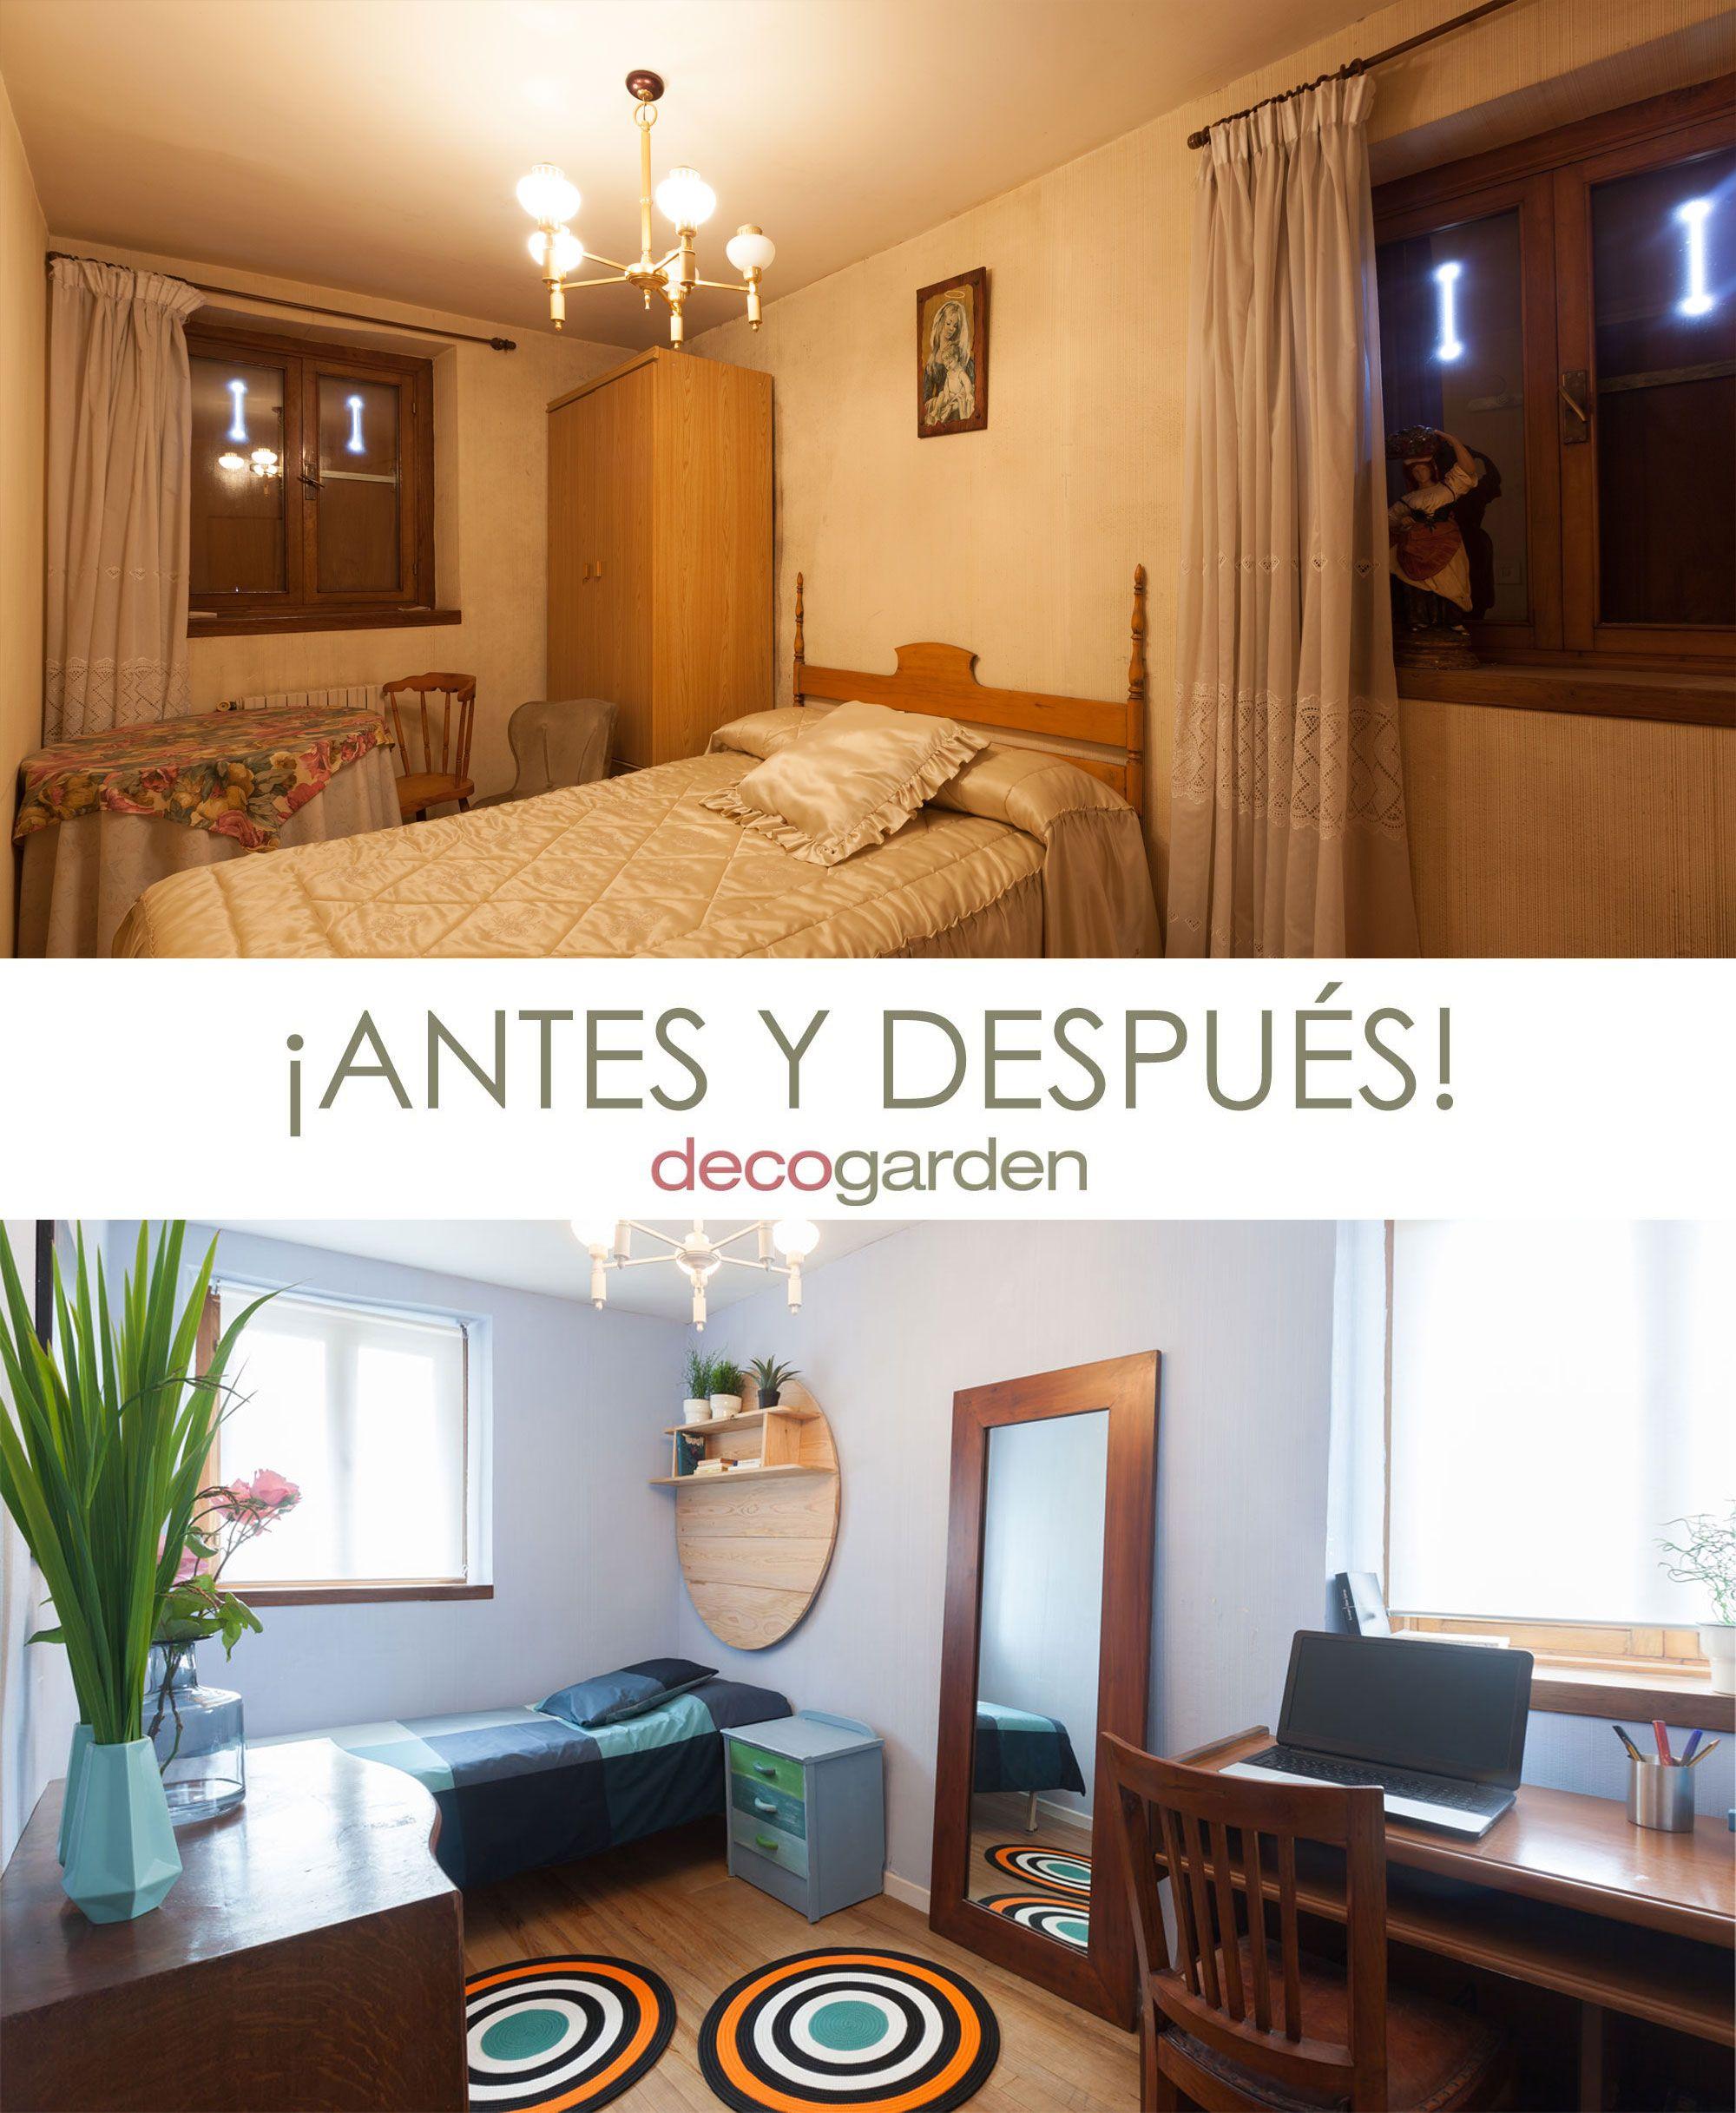 Antes y después dormitorio con estudio juvenil